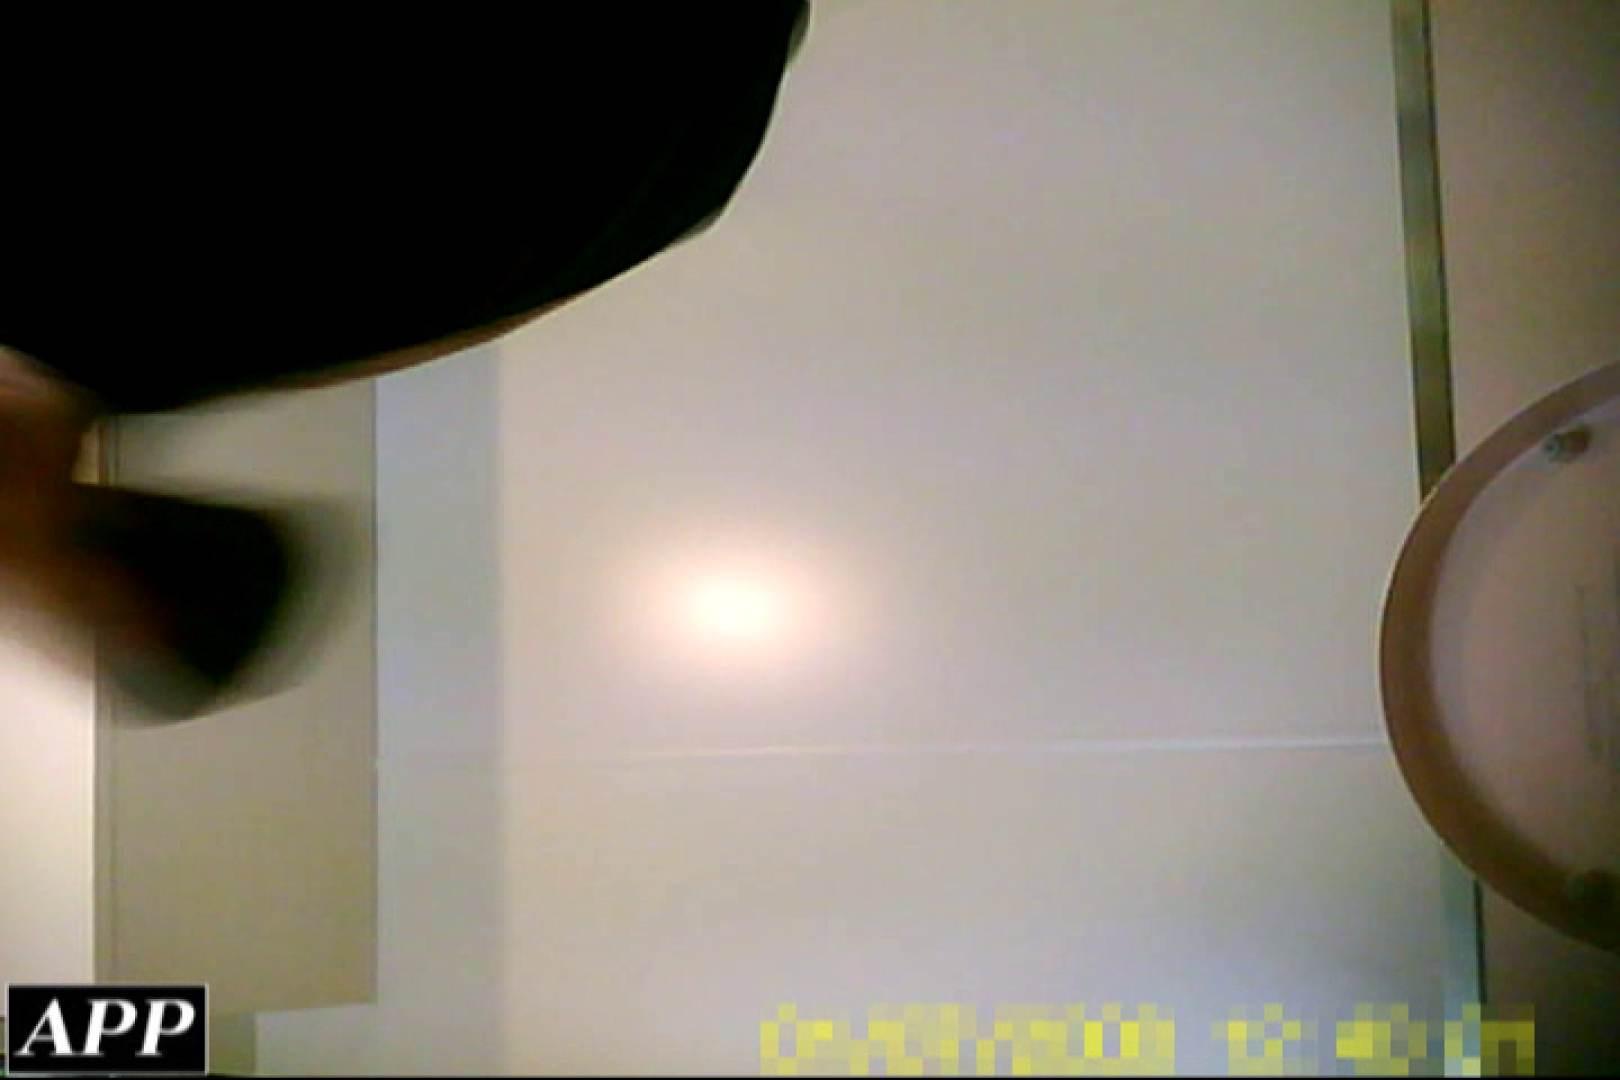 3視点洗面所 vol.93 マンコ 隠し撮りオマンコ動画紹介 49連発 27